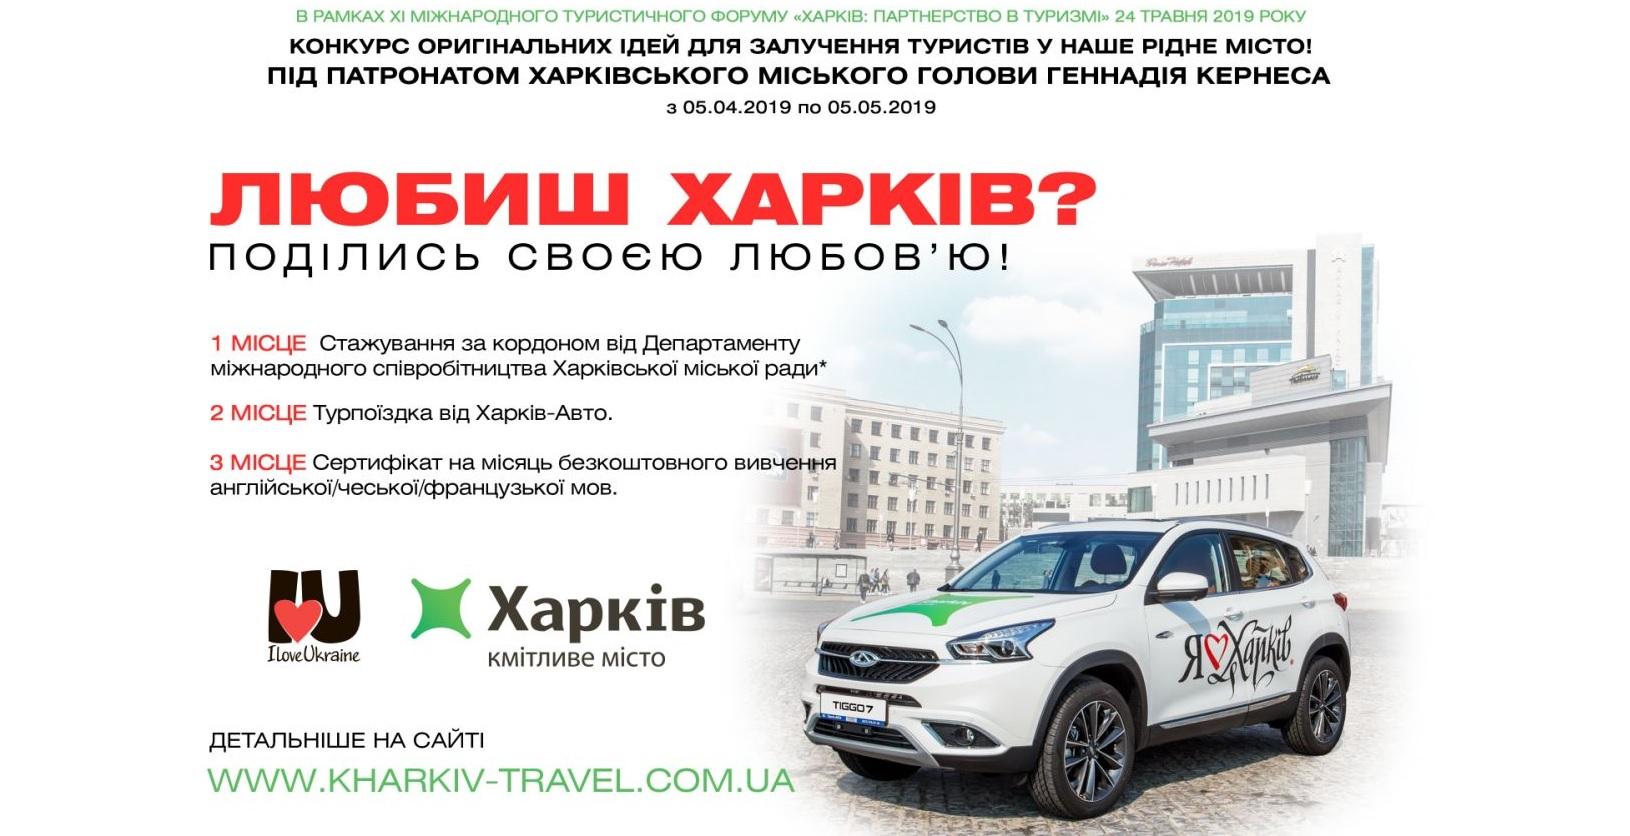 Триває прийом заявок на конкурс ідей щодо розвитку туризму в Харкові